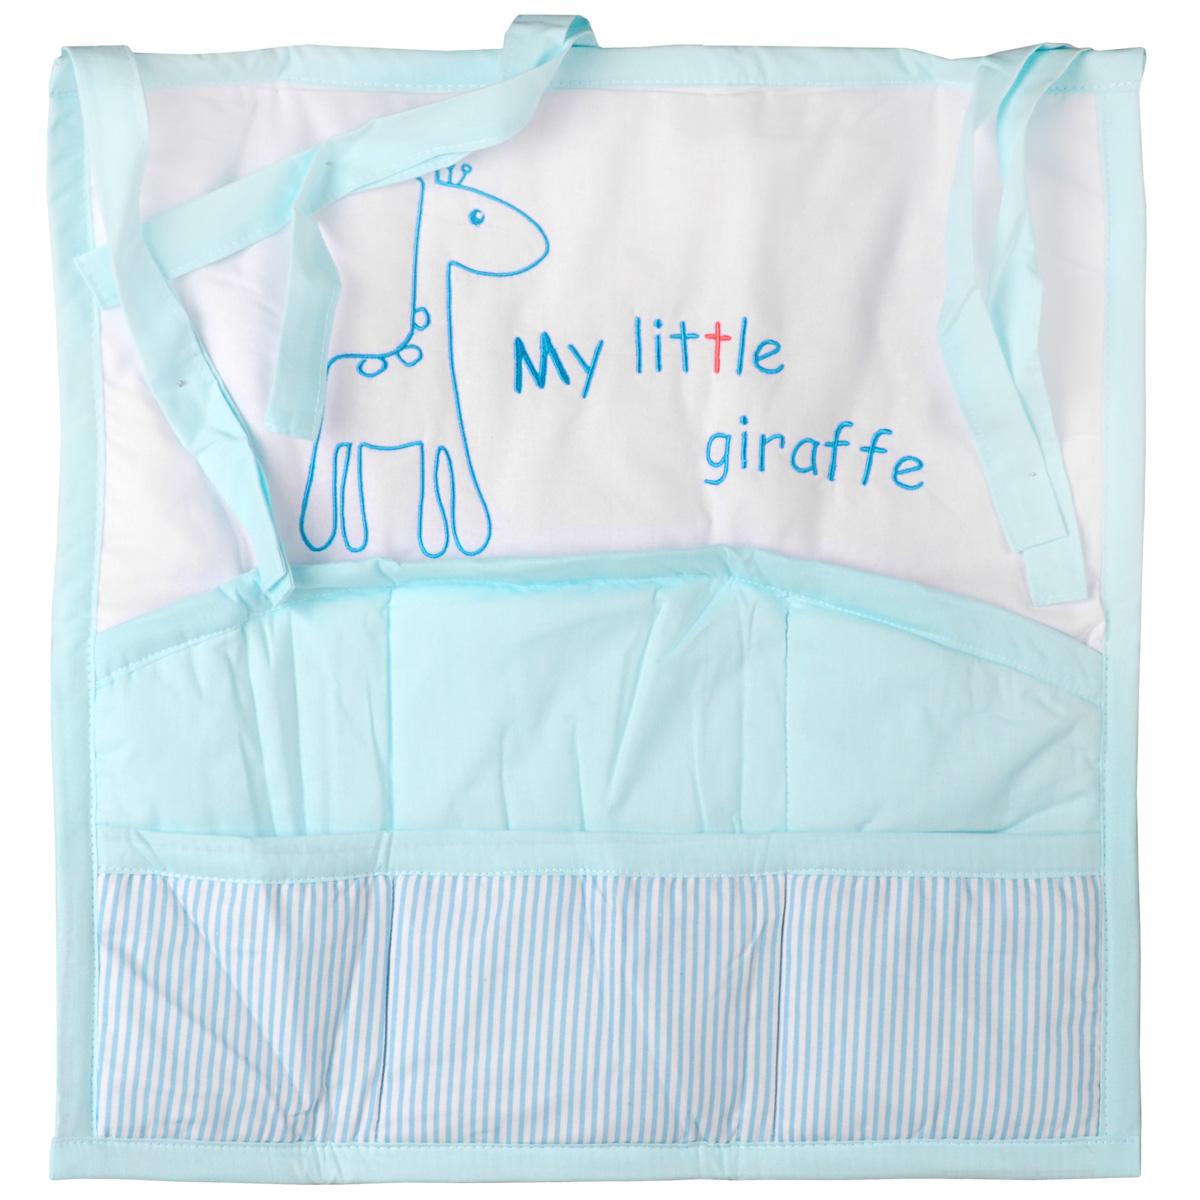 Карман на кроватку Fairy Жирафик, цвет: белый, голубой, 59 см х 60 см1020.13Карман на кроватку Fairy Жирафик, изготовленный из натурального 100% хлопка с наполнителем из полиэстера, декорирован изображением забавного жирафа и надписью My Little Giraffe. Изделие оборудовано шестью вместительными кармашками и предназначено для хранения самых необходимых вещей малыша (игрушки, соски, бутылочки, подгузников или пеленки) и создания благоприятного эмоционального фона детской комнаты. С помощью текстильных веревочек, карман можно привязывать к спинке кроватки, как с внешней, так и с внутренней стороны. Общий размер изделия: 59 см х 60 см. Средний размер кармашков: 17 см х 18 см.